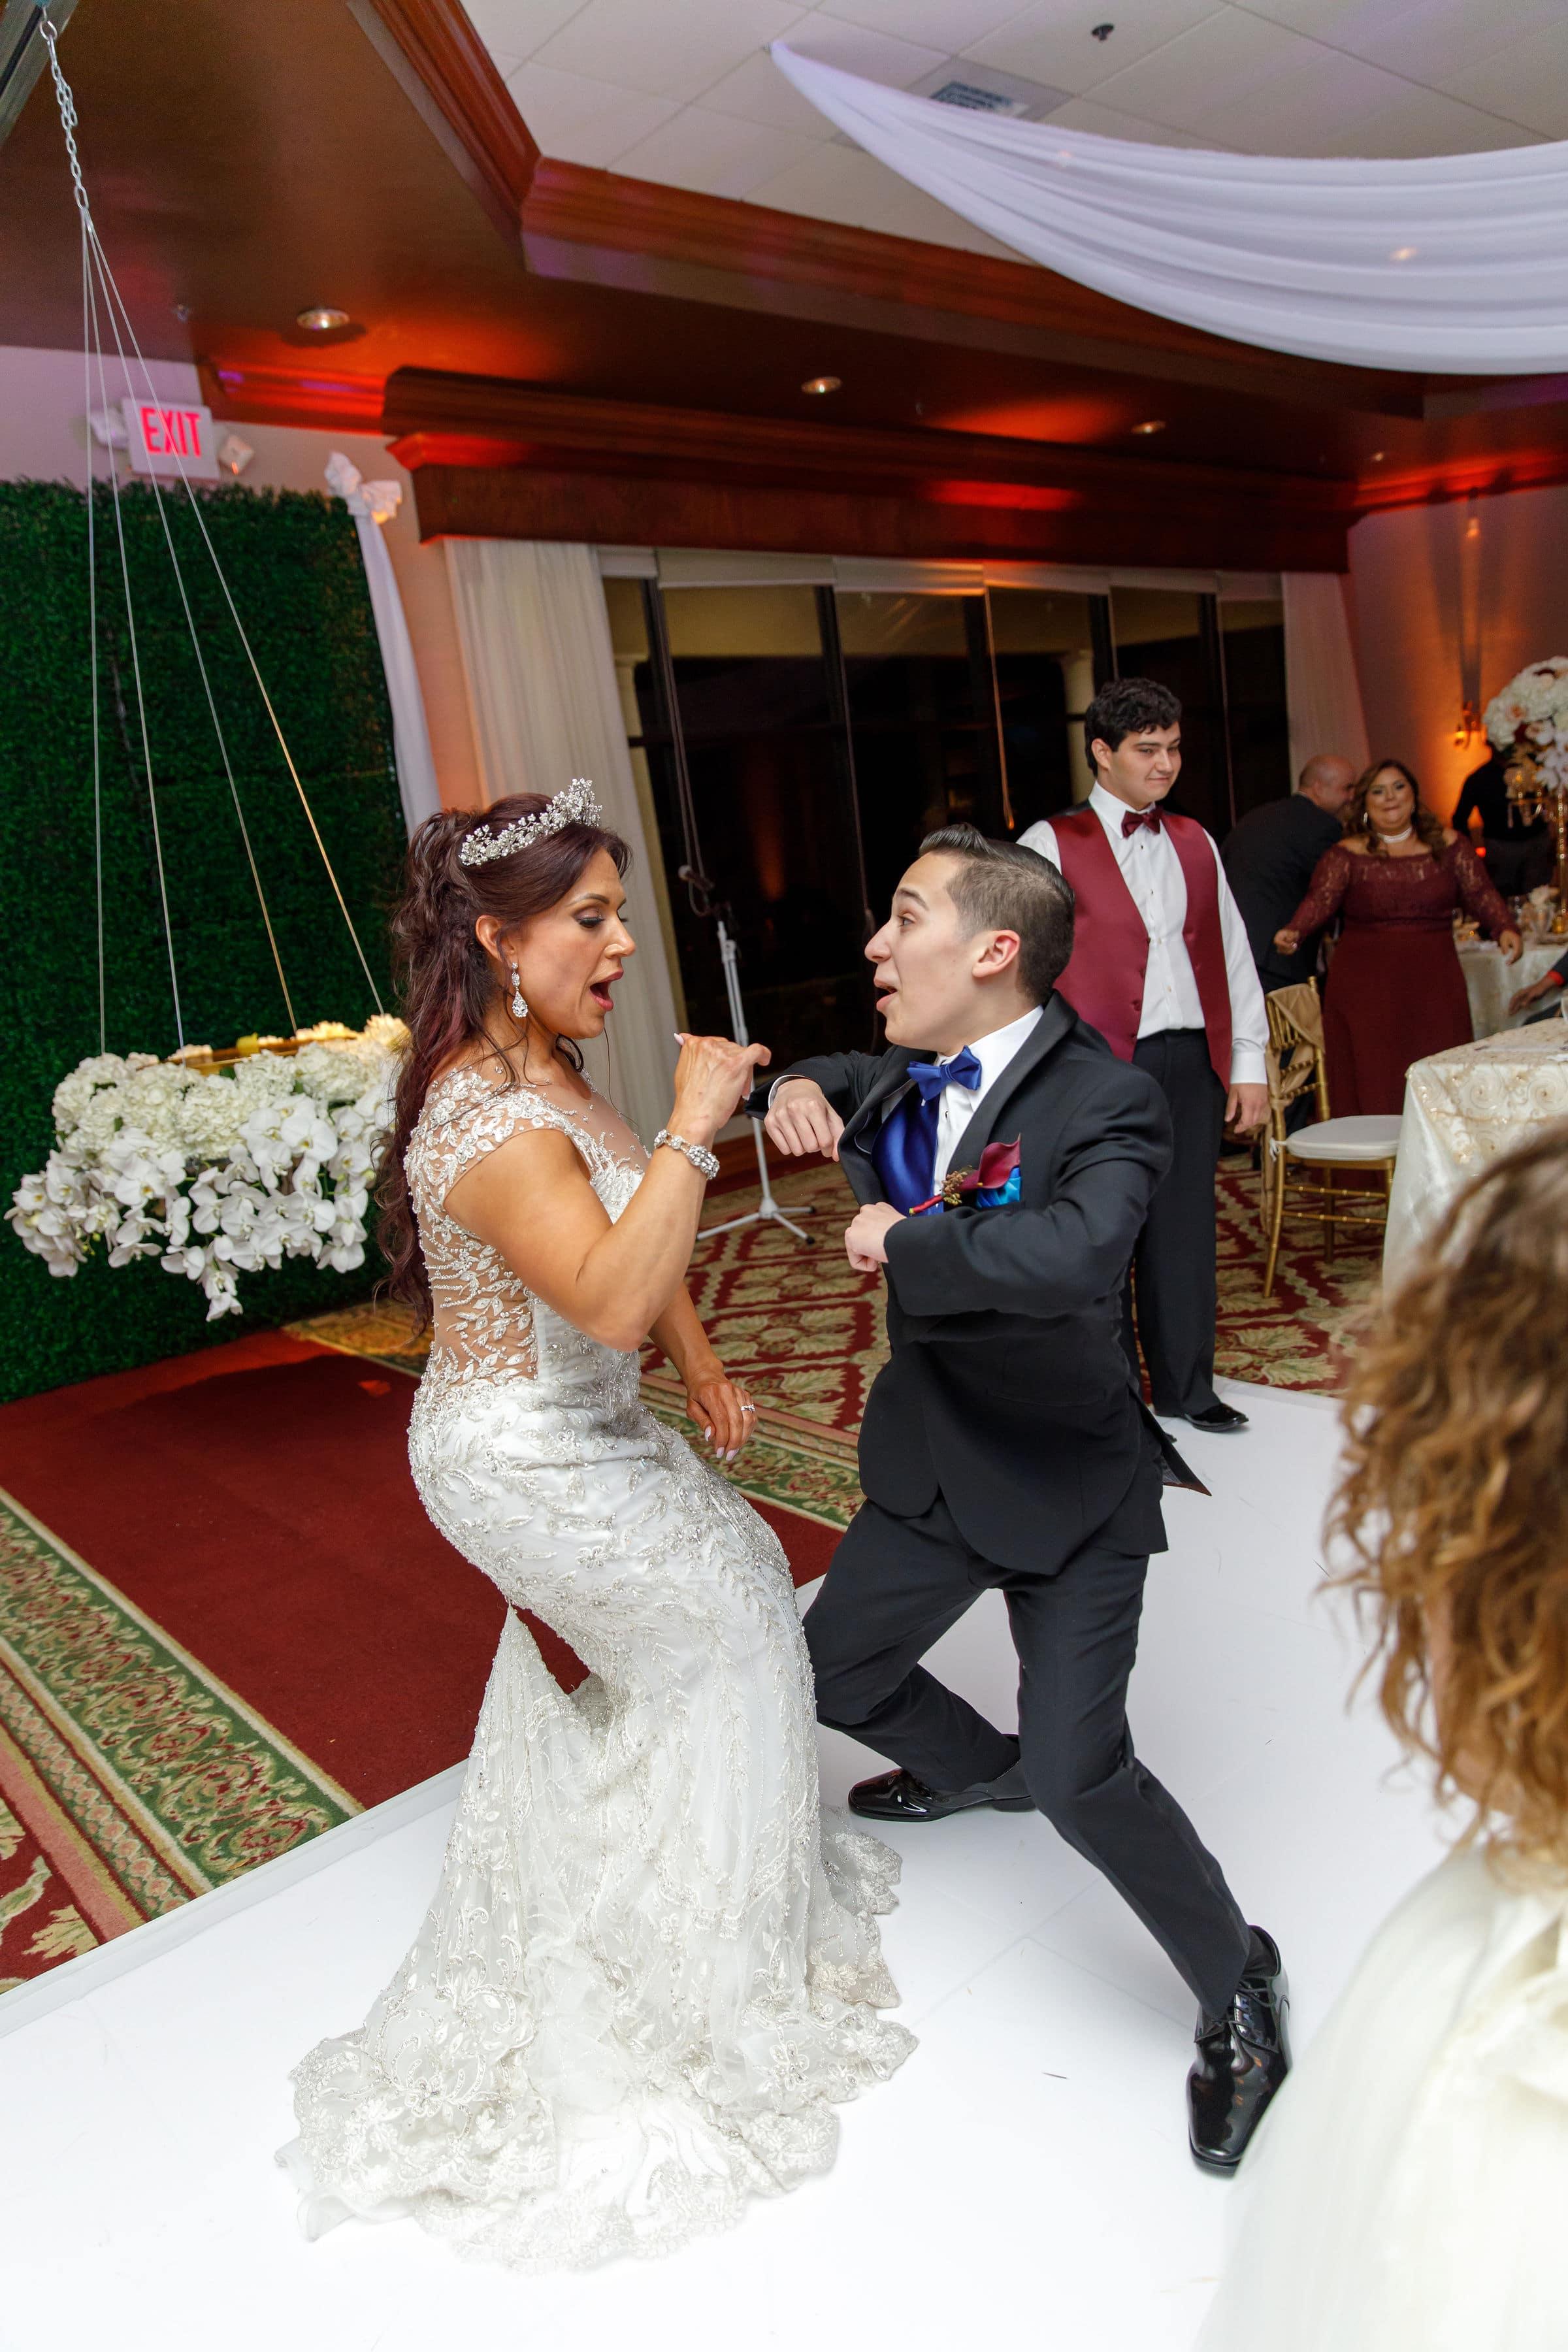 Bride dancing during reception